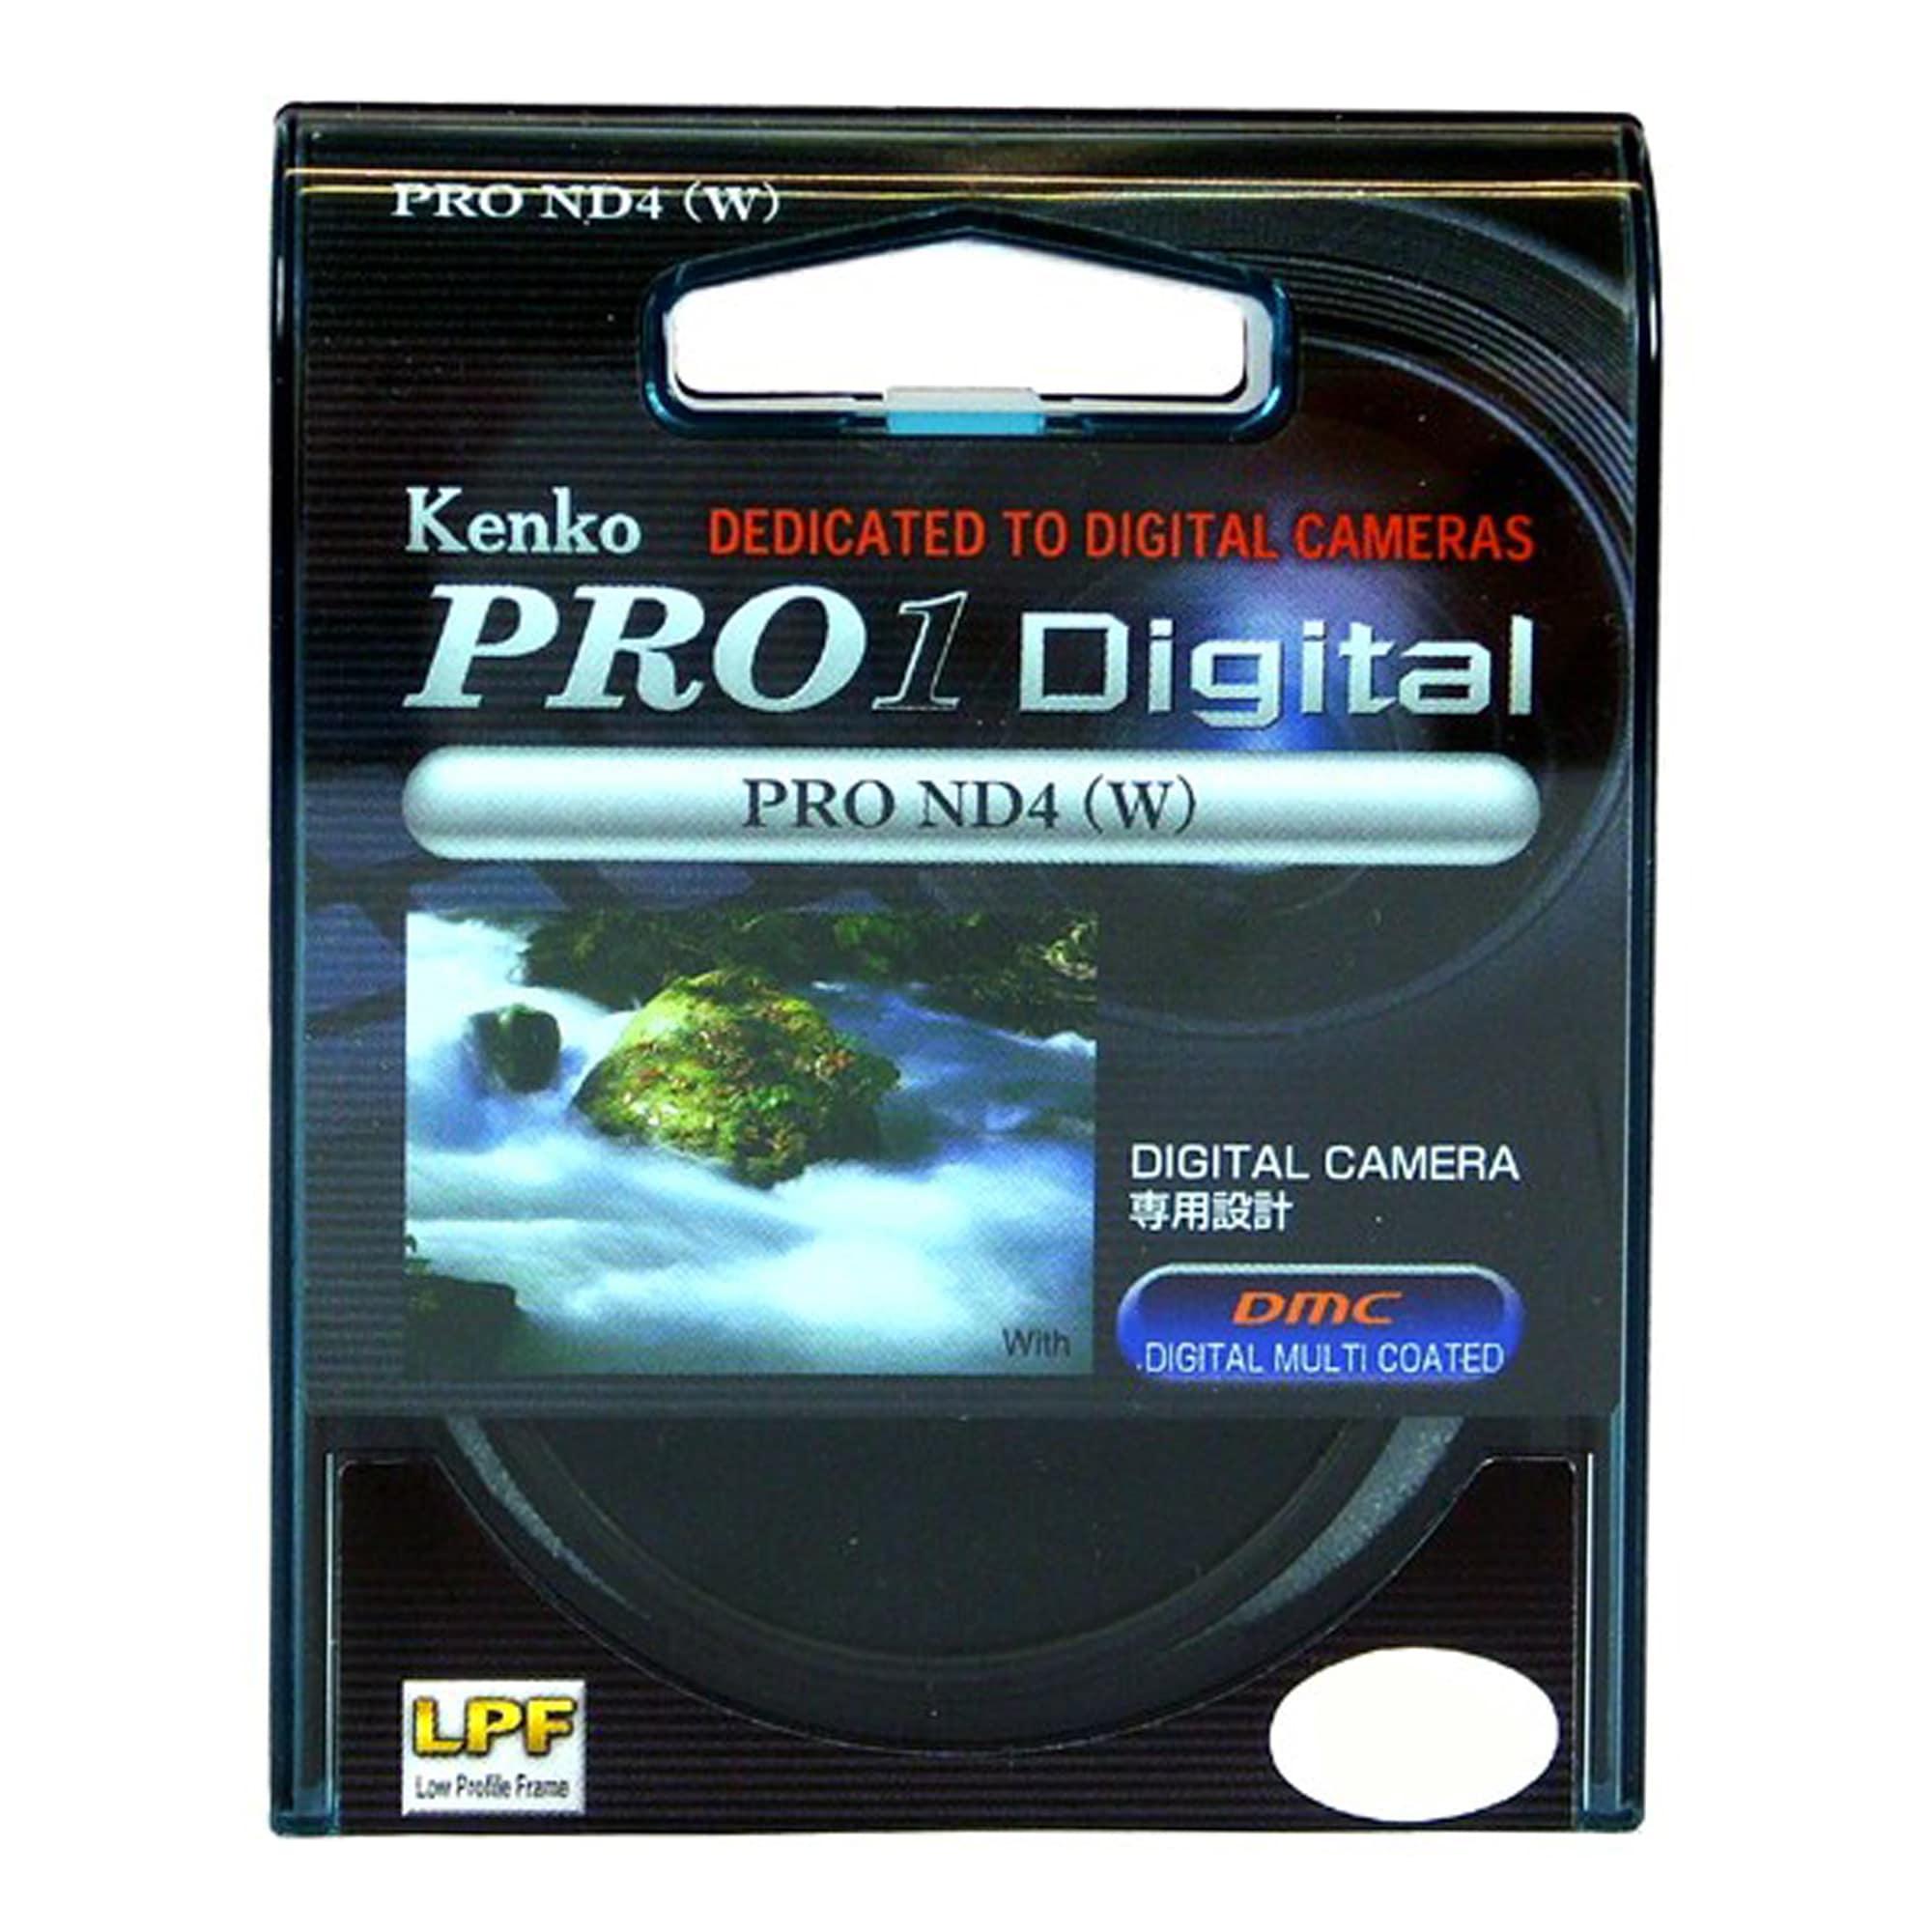 Kenko 62Mm Nd4 Pro 1 Digital